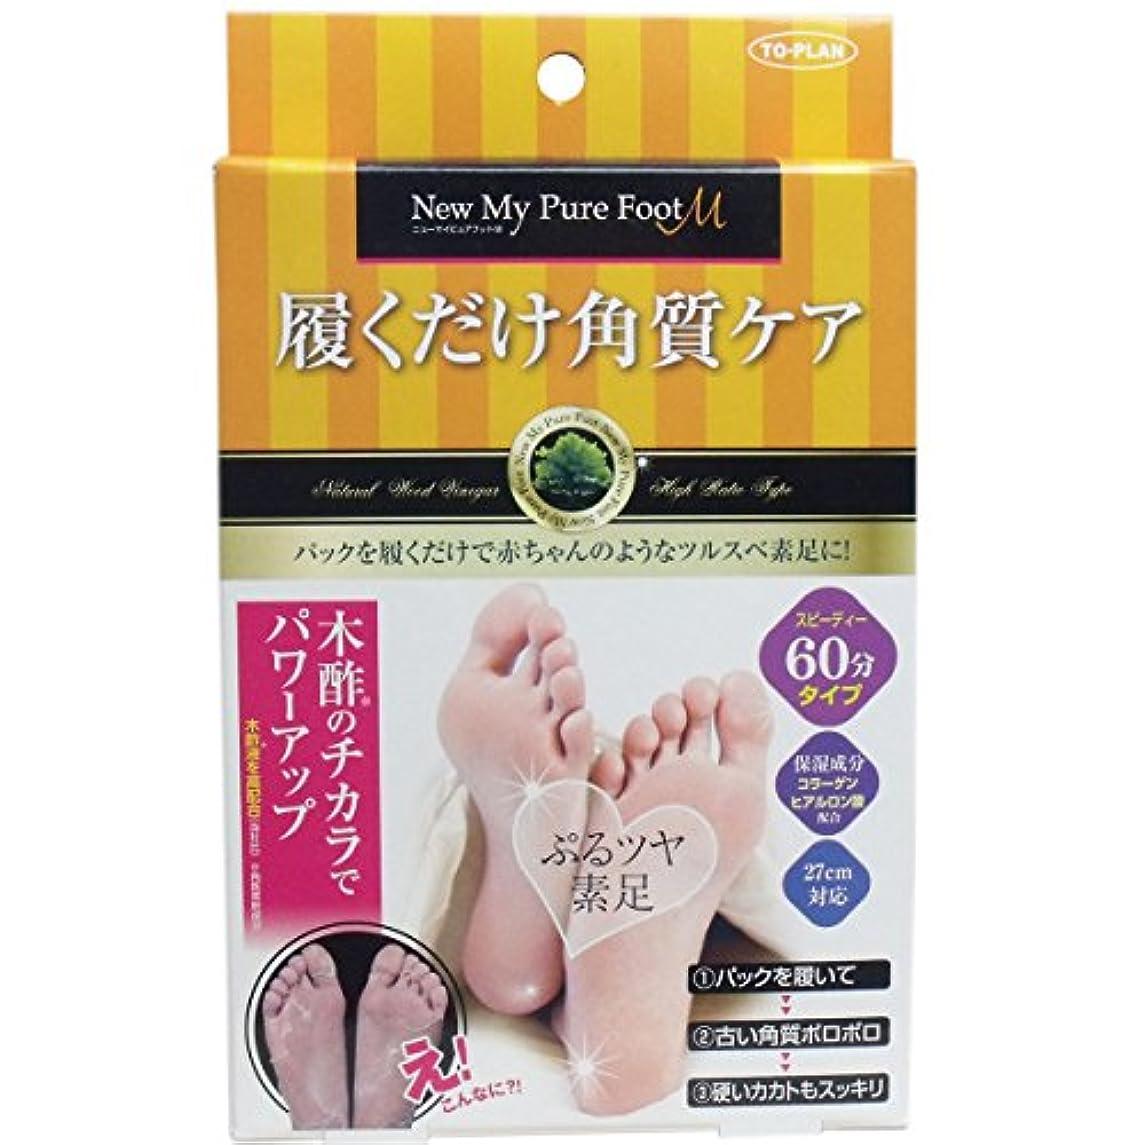 スポーツマン列挙する事前【セット品】履くだけ角質ケア New My Pure Foot M ニューマイピュアフット エム【×3個】